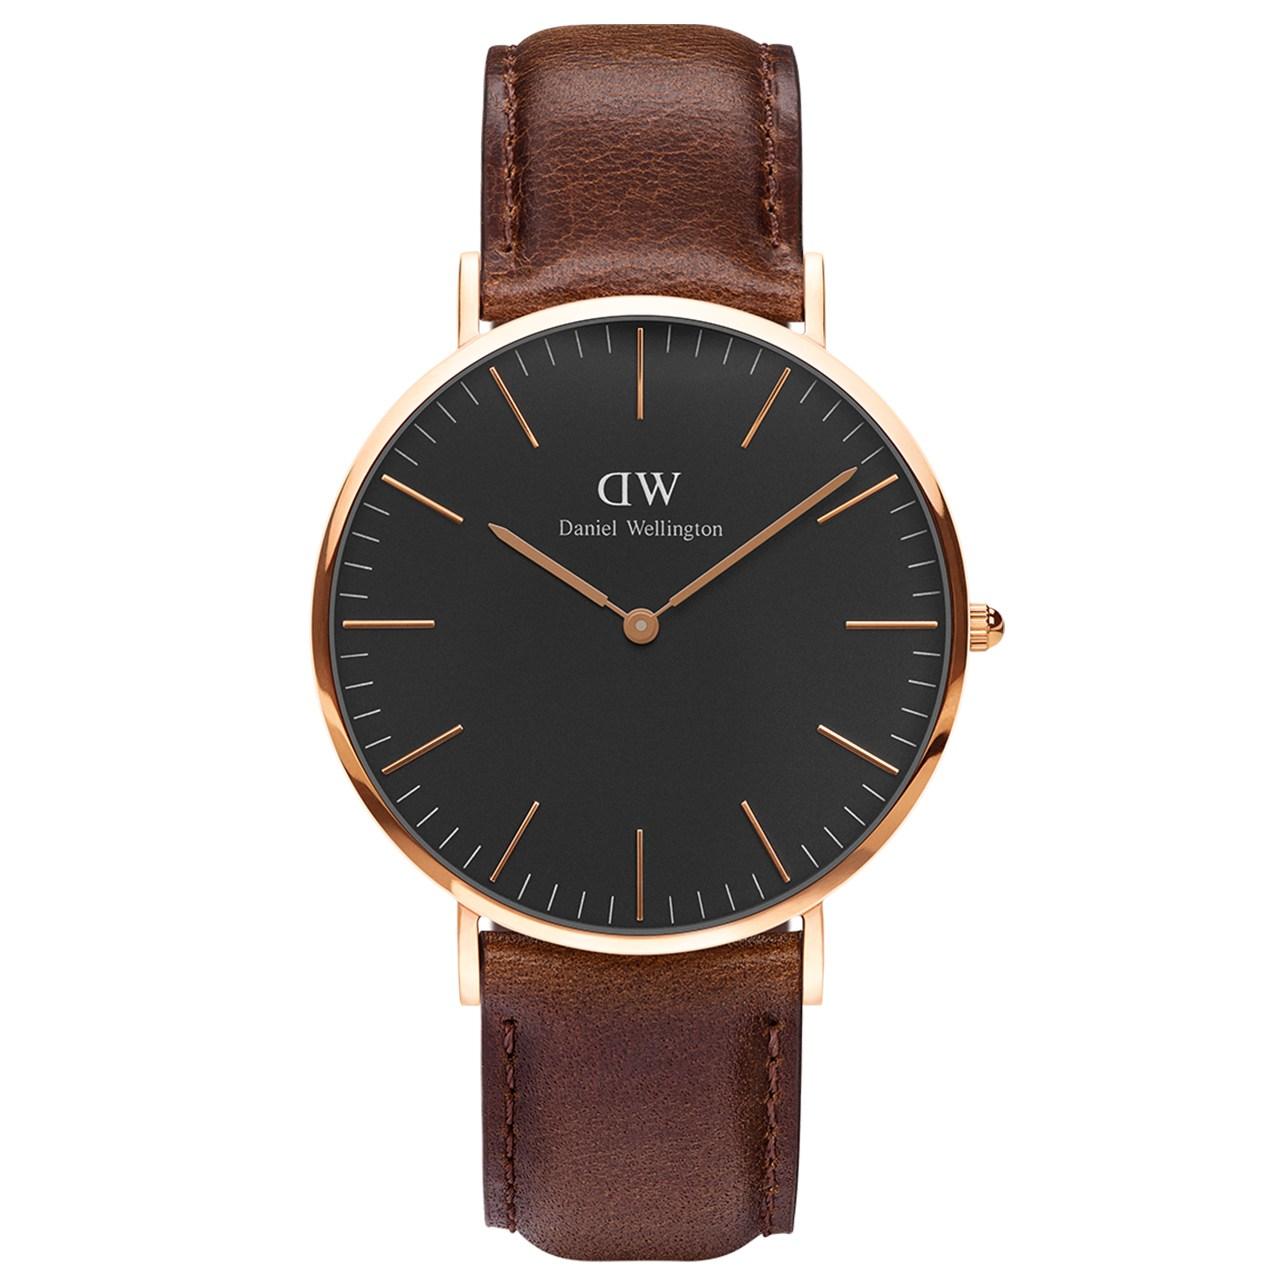 ساعت مچی عقربه ای مردانه دنیل ولینگتون مدل DW00100125              خرید (⭐️⭐️⭐️)